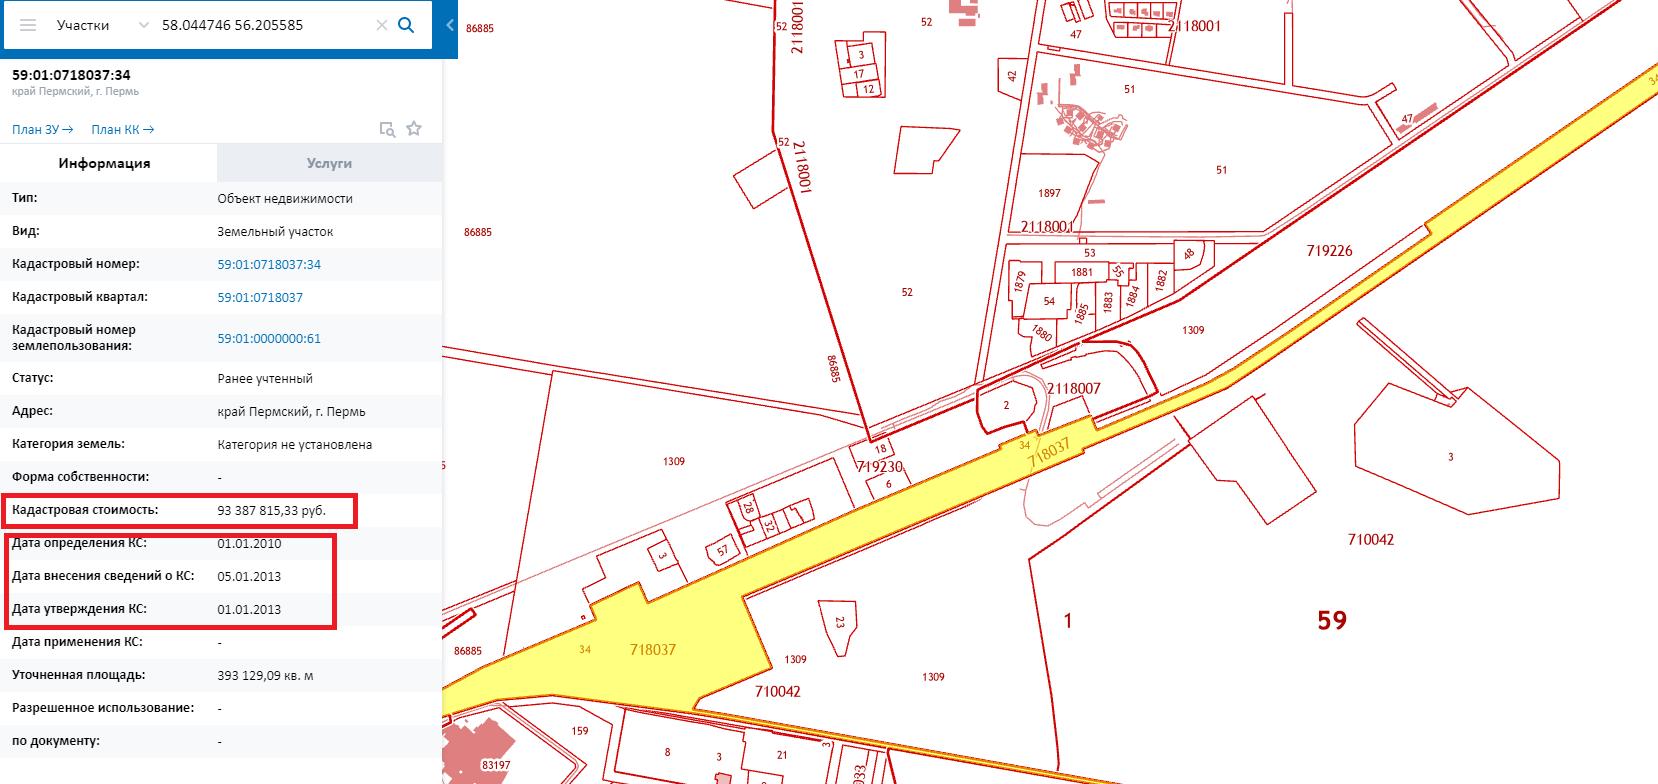 Самый простой и быстрый способ узнать кадастровую стоимость объекта - посмотреть ее на Публичной кадастровой карте Росреестра.